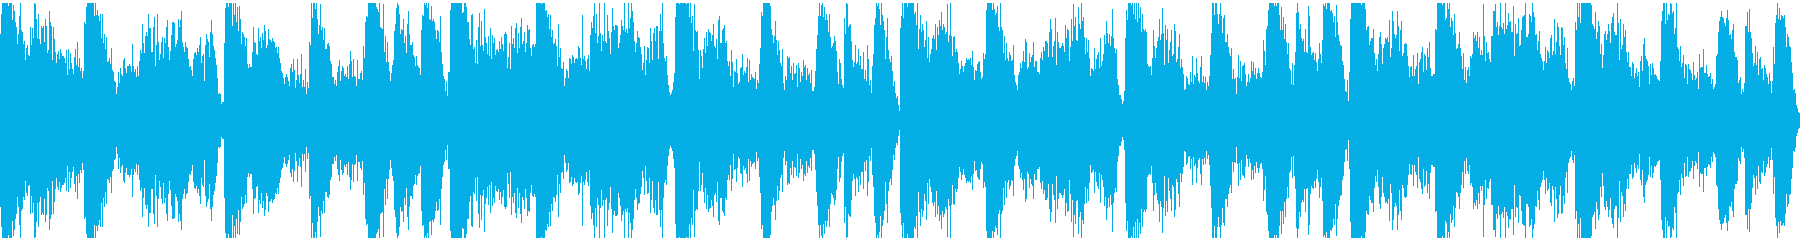 アンビエント系ヒップホップ ループの再生済みの波形